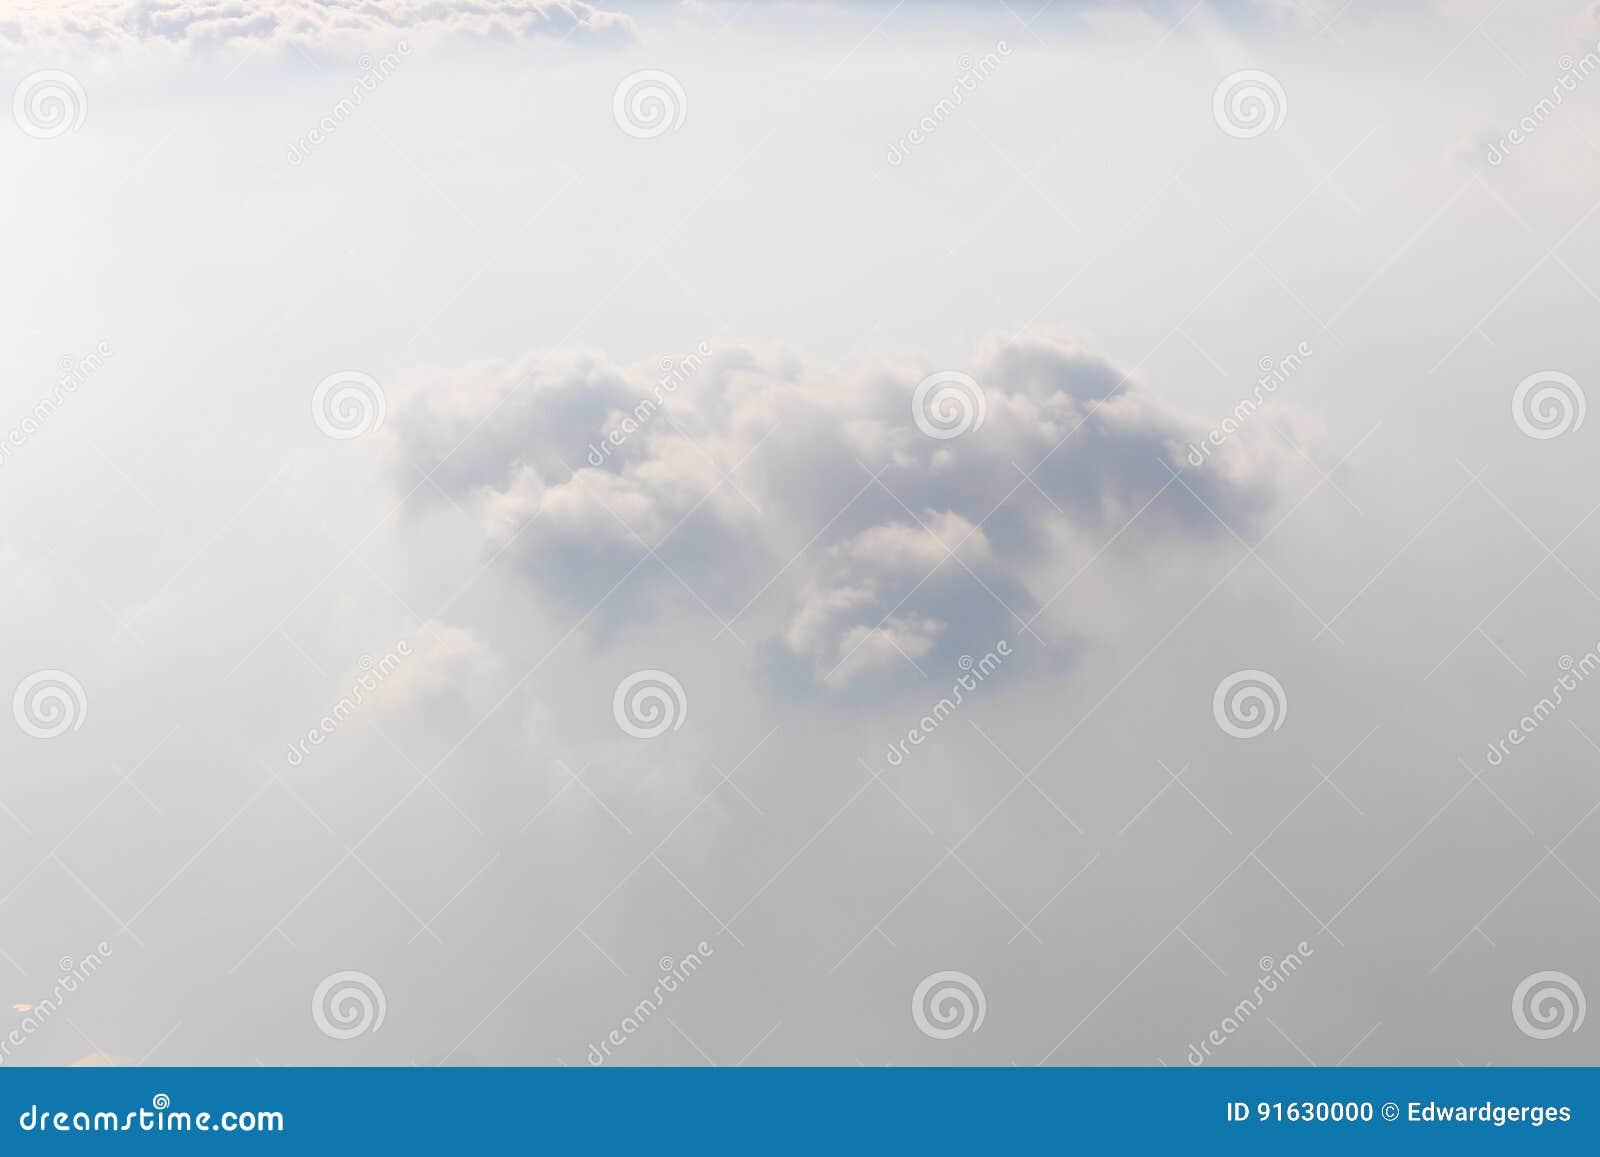 Ansicht vom Flug-Fenster stockfoto. Bild von hell, hintergrund ...